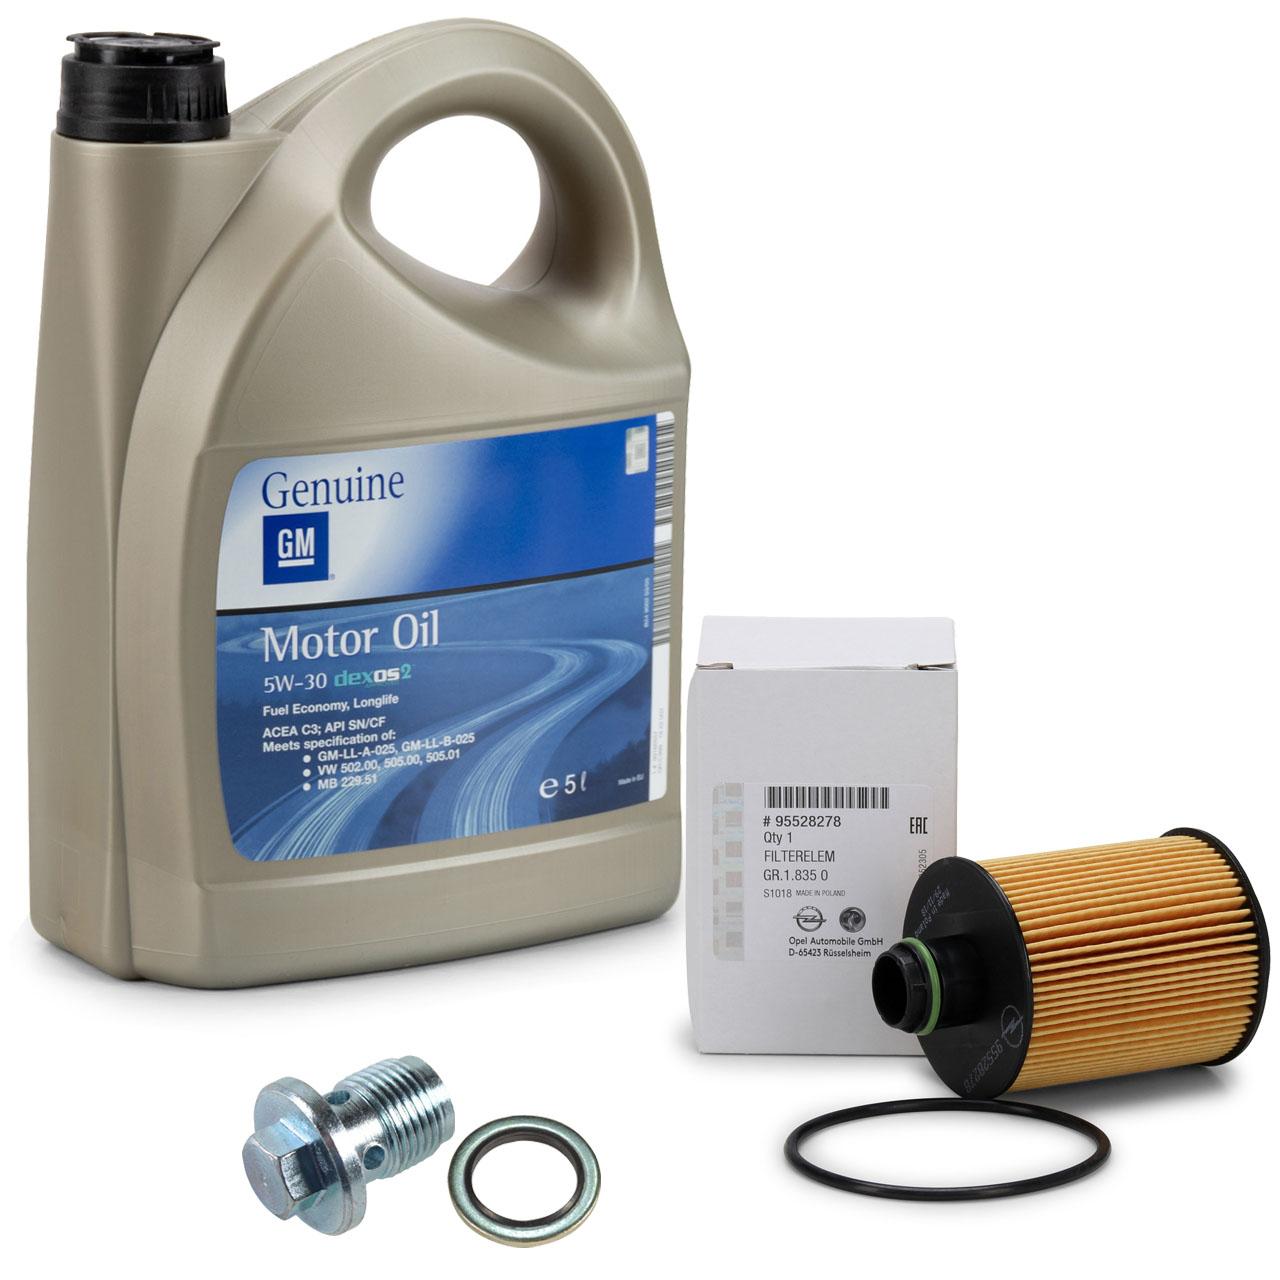 ORIGINAL GM Opel Motoröl 5W30 Dexos2 5L + Ölfilter 95528278 + Schraube 2.0 CDTI